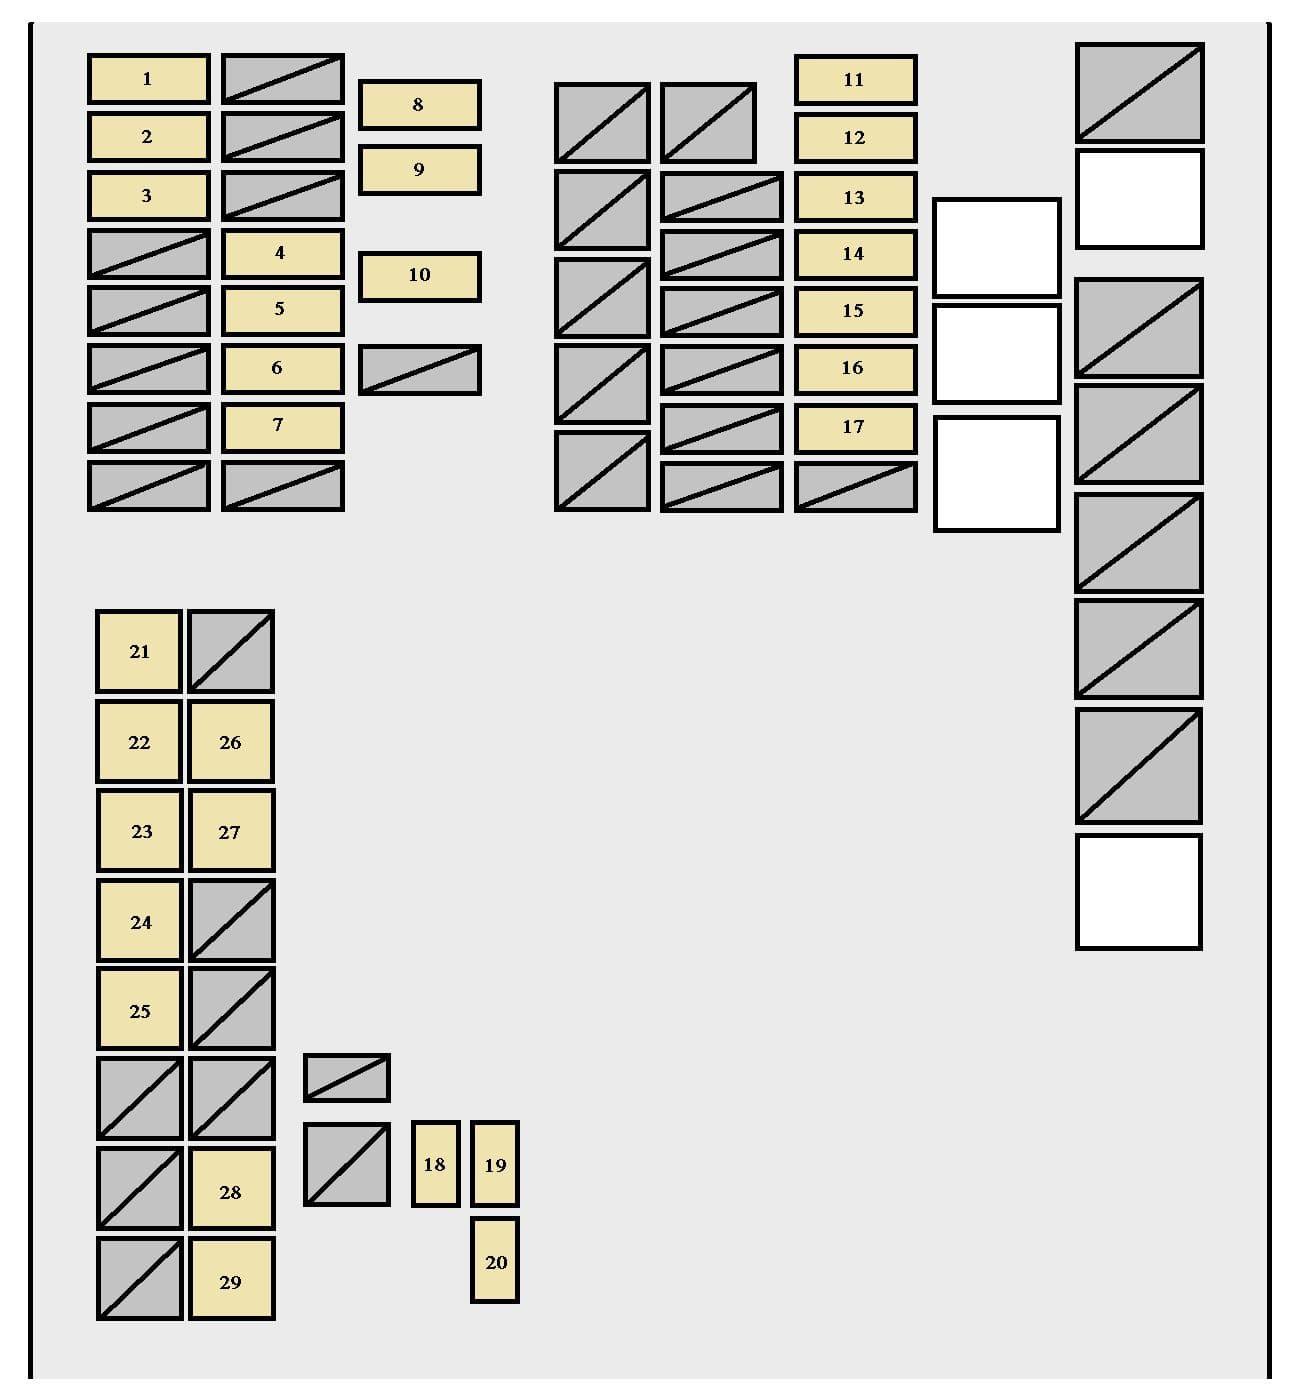 Scion xB mk2 - fuse box - engine compartment